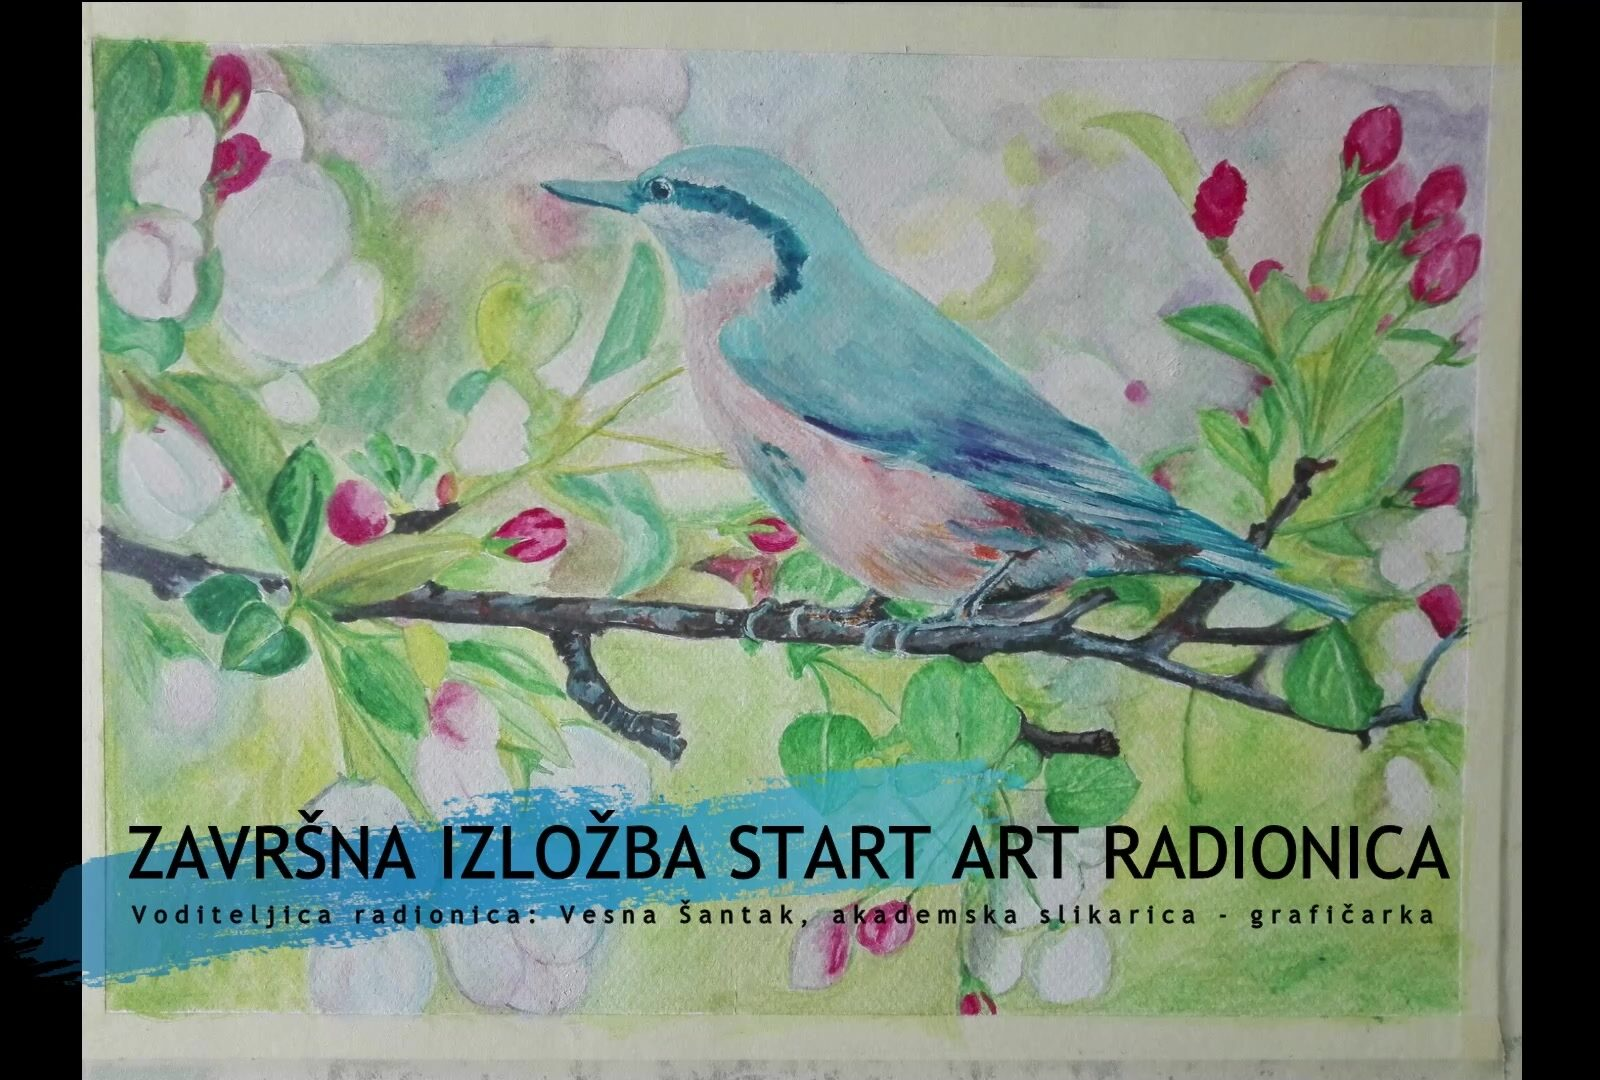 Završna izložba polaznika START ART radionica